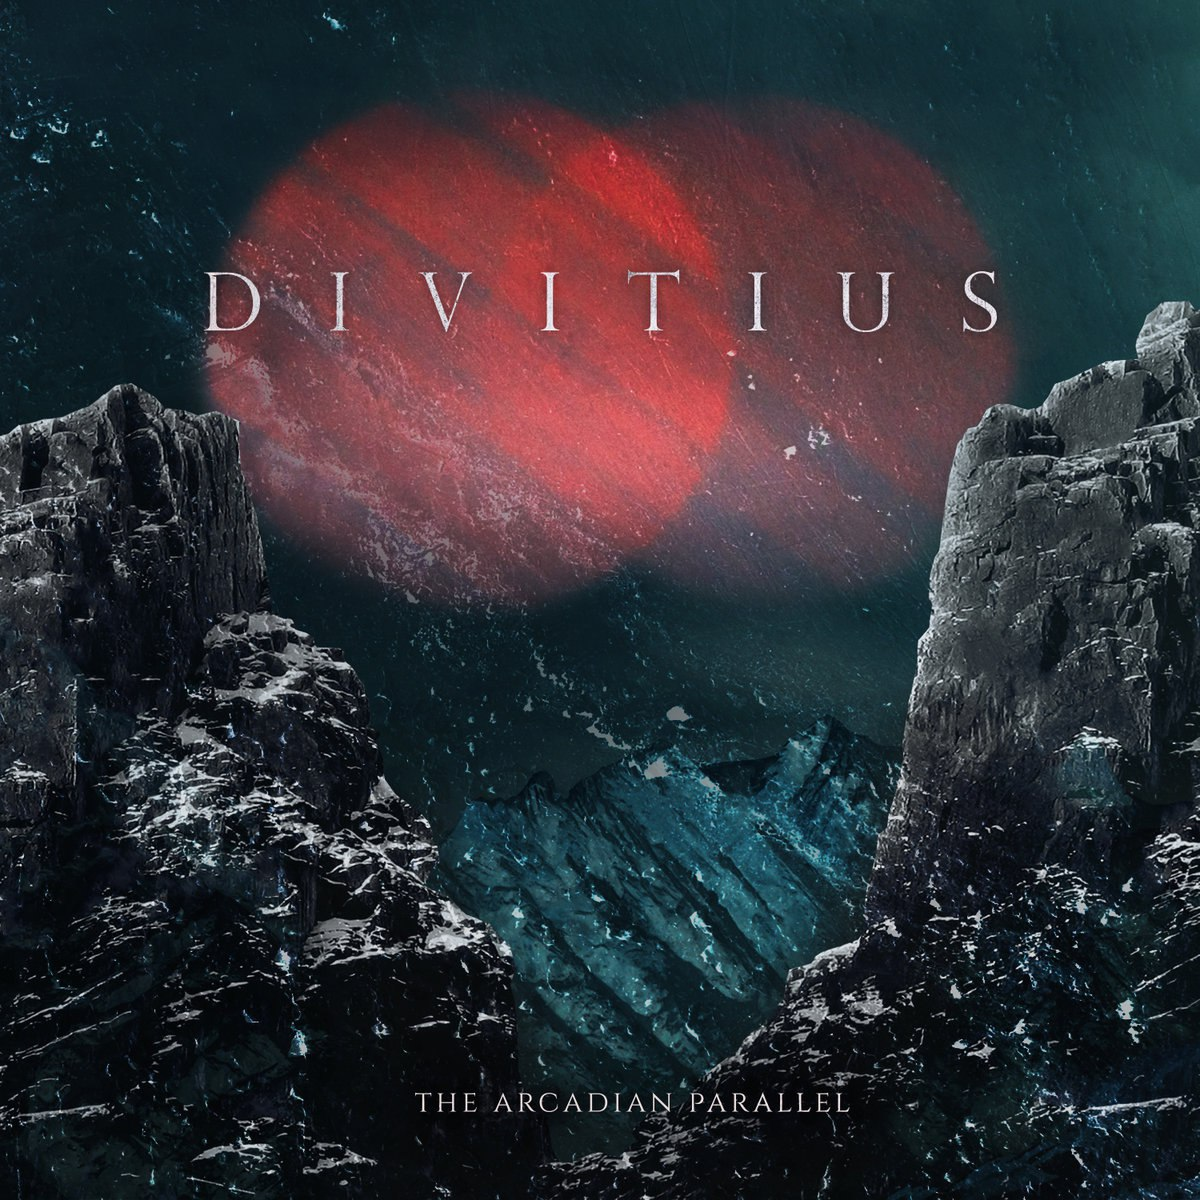 Divitius - Deja Vu [single] (2016)